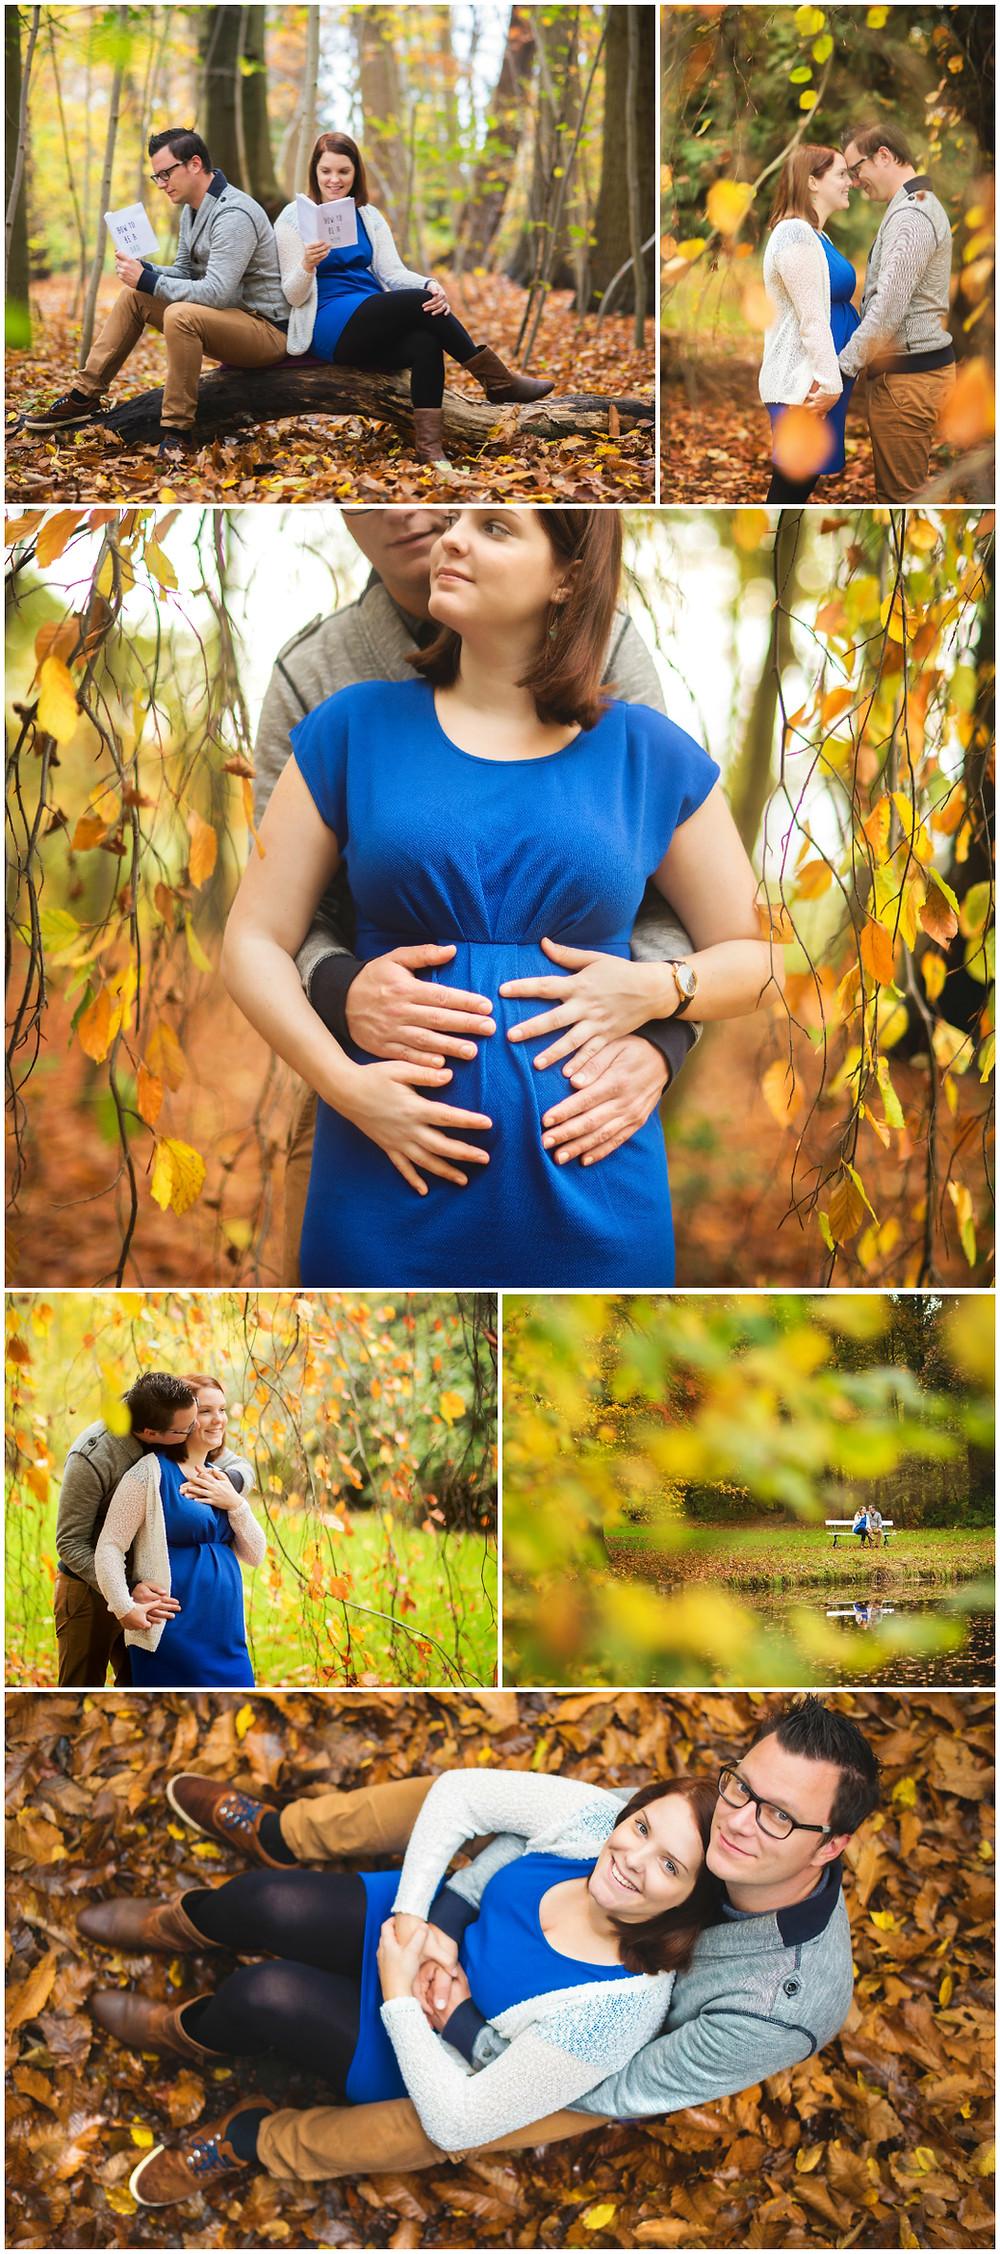 Zwangerschapsaankondiging (c) Silvie Bonne